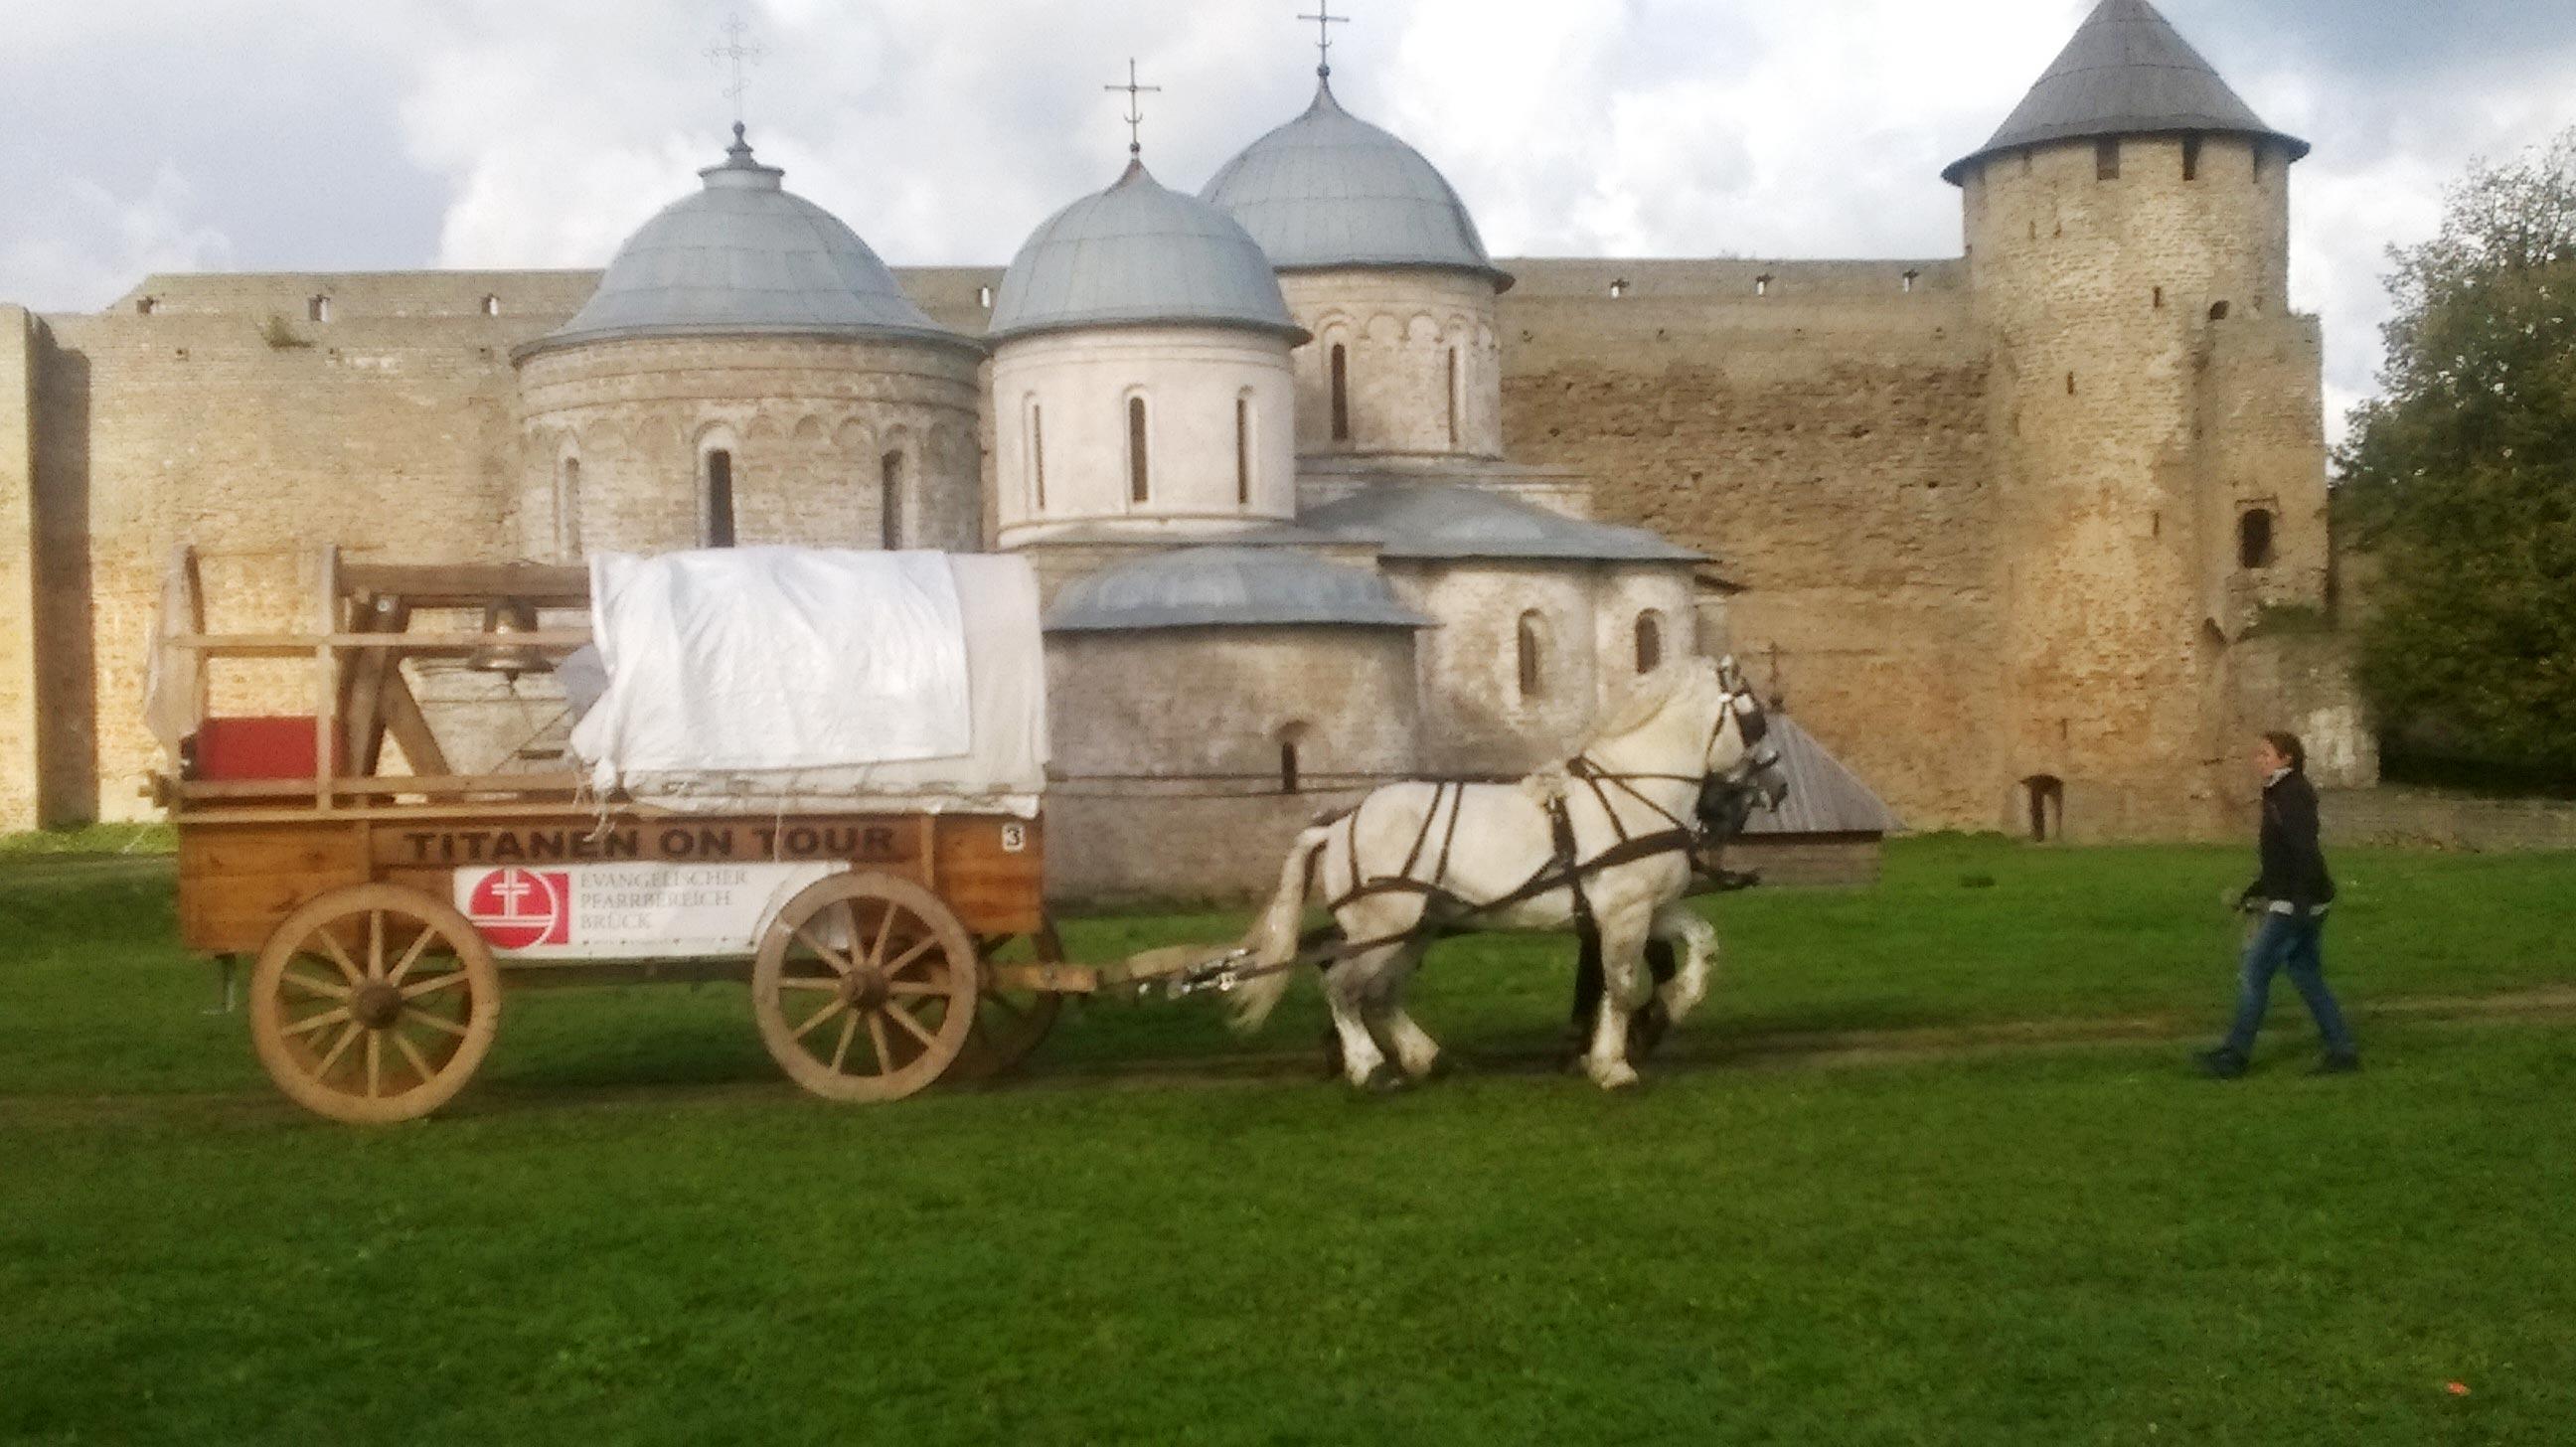 Glocke in der Burg Ivangorod - Titanen on tour in Russland